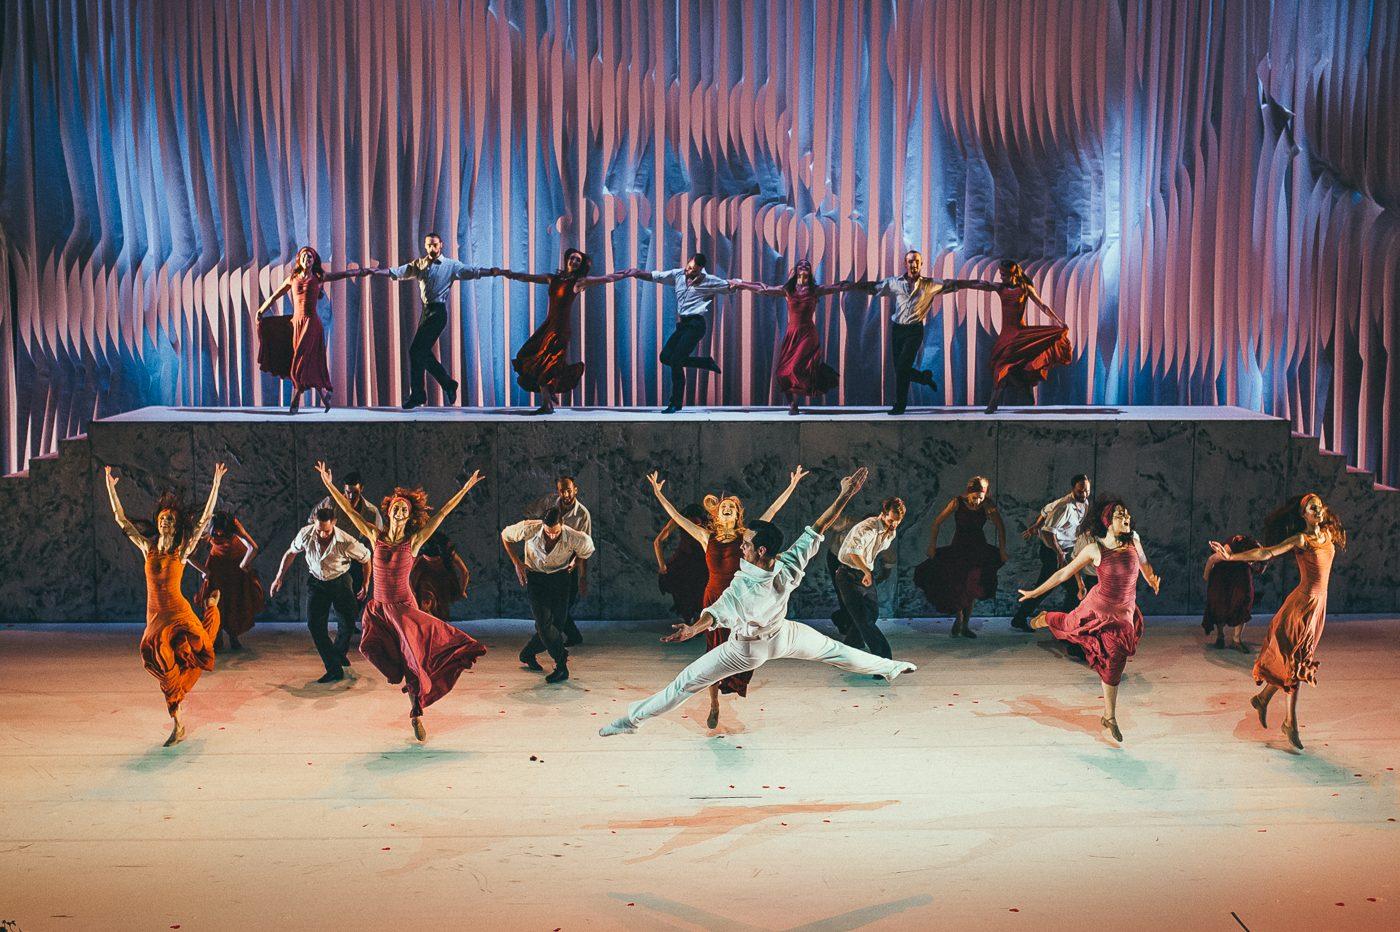 Premjera Zorba Muzikinis Teatras E.sabaliauskaite 056